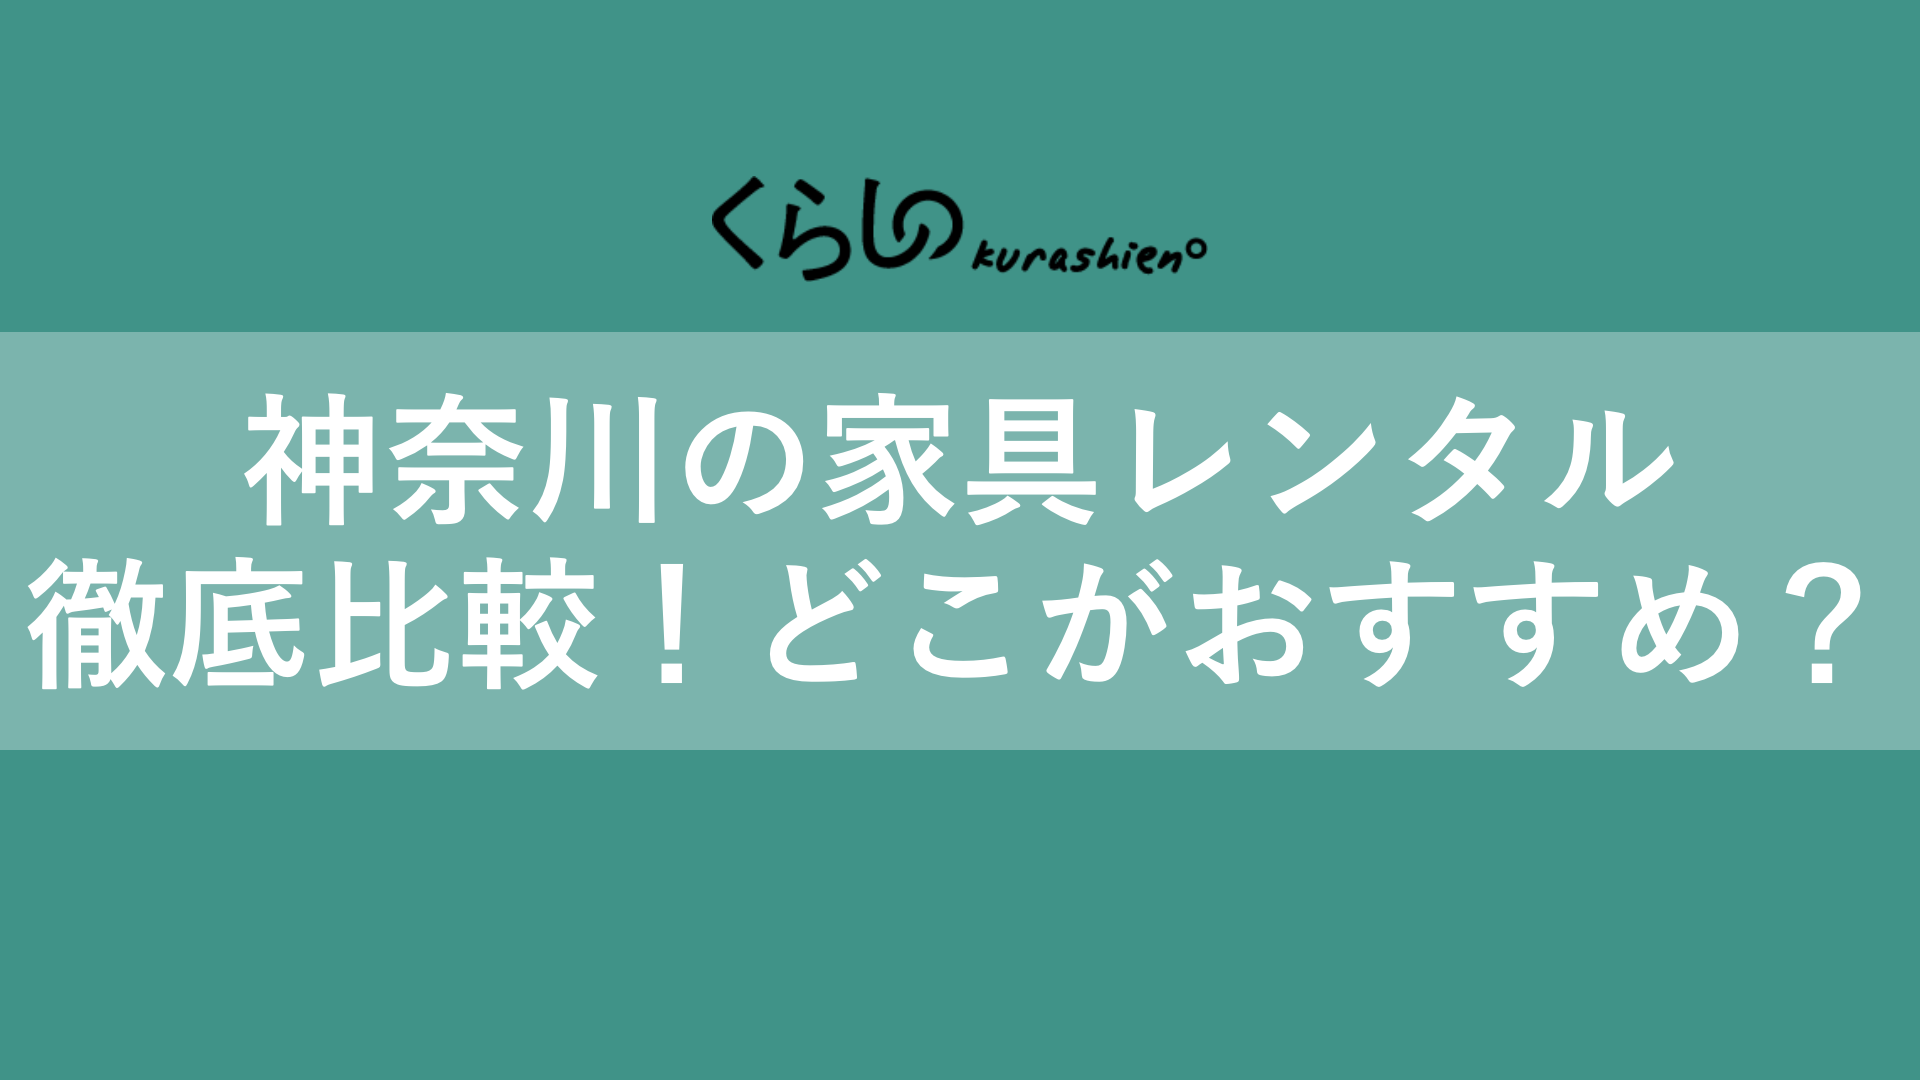 神奈川県の家具レンタル徹底比較!どこがおすすめ?評判や口コミも